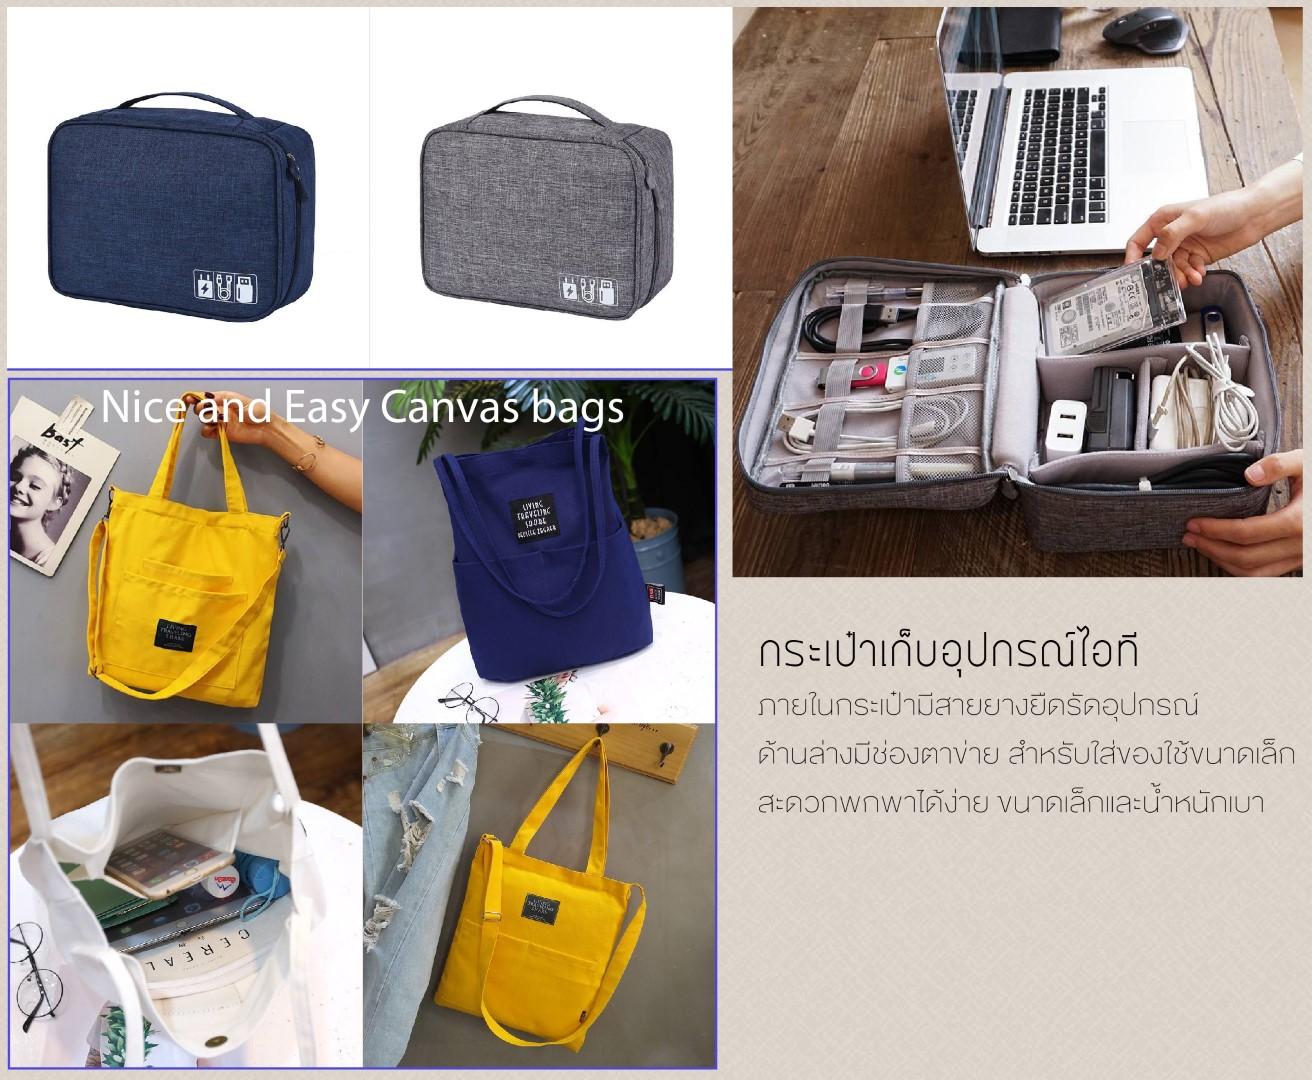 กระเป๋าผ้า กระเป๋าเอกสาร กระเป๋าใส่อุปกรณ์ it นำเข้าจากจีนโดยมีเอเย่นต์ที่จีนคอยตรวจงานก่อนส่งมาไทย